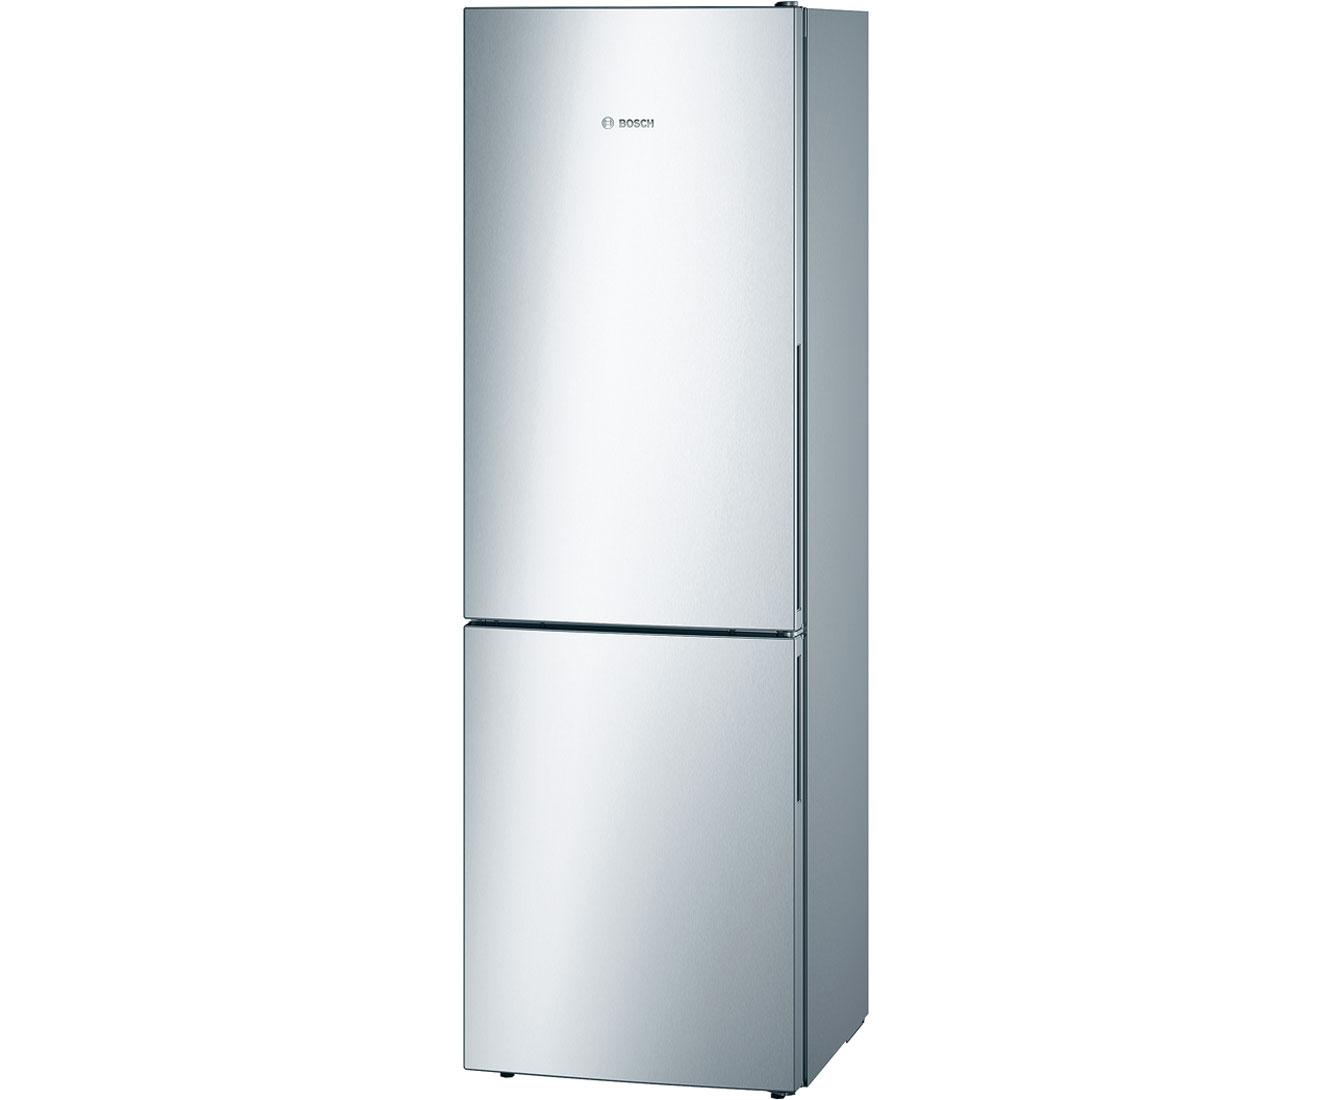 Bosch Serie 4 KGV36VL32 Kühl-Gefrierkombinationen - Edelstahl-Optik | Küche und Esszimmer > Küchenelektrogeräte | Edelstahl | Bosch